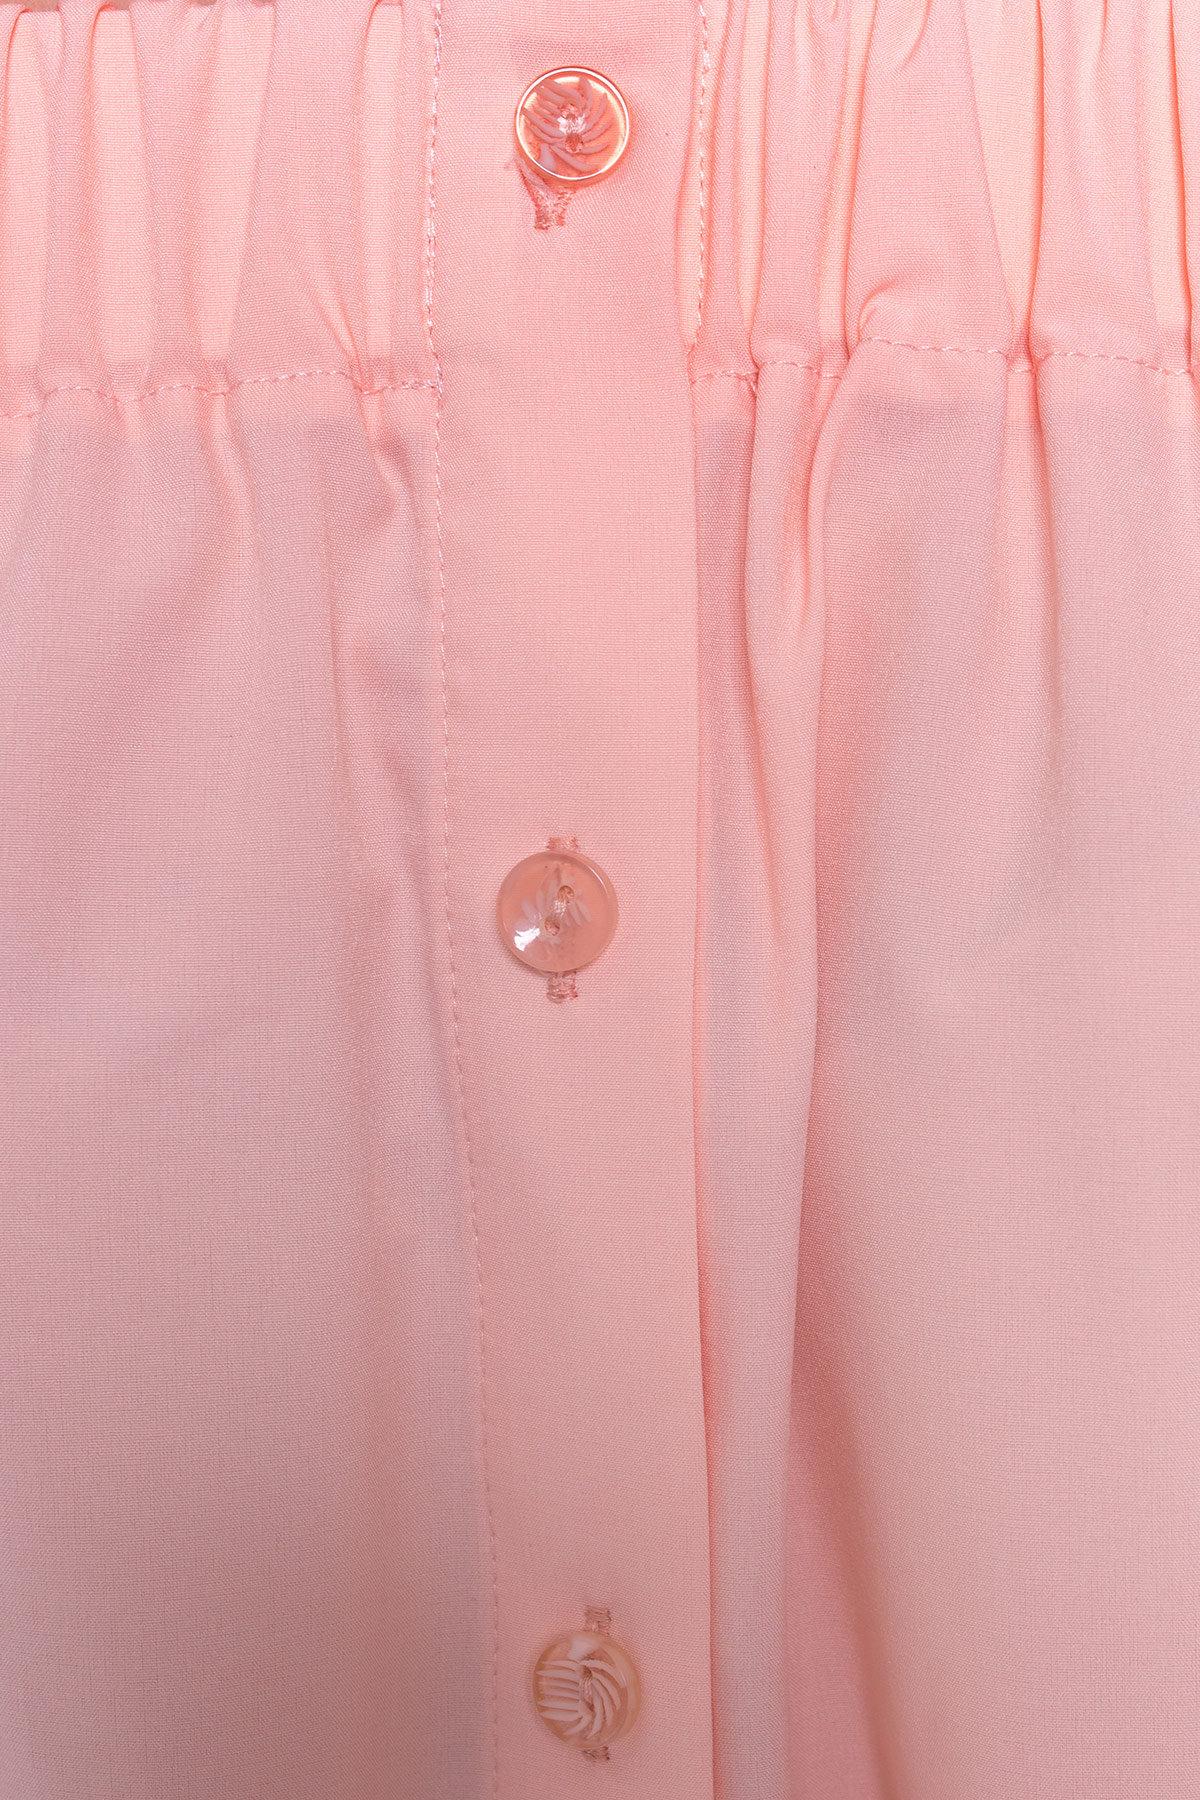 Платье - рубашка Фонда 307 Цвет: Персик